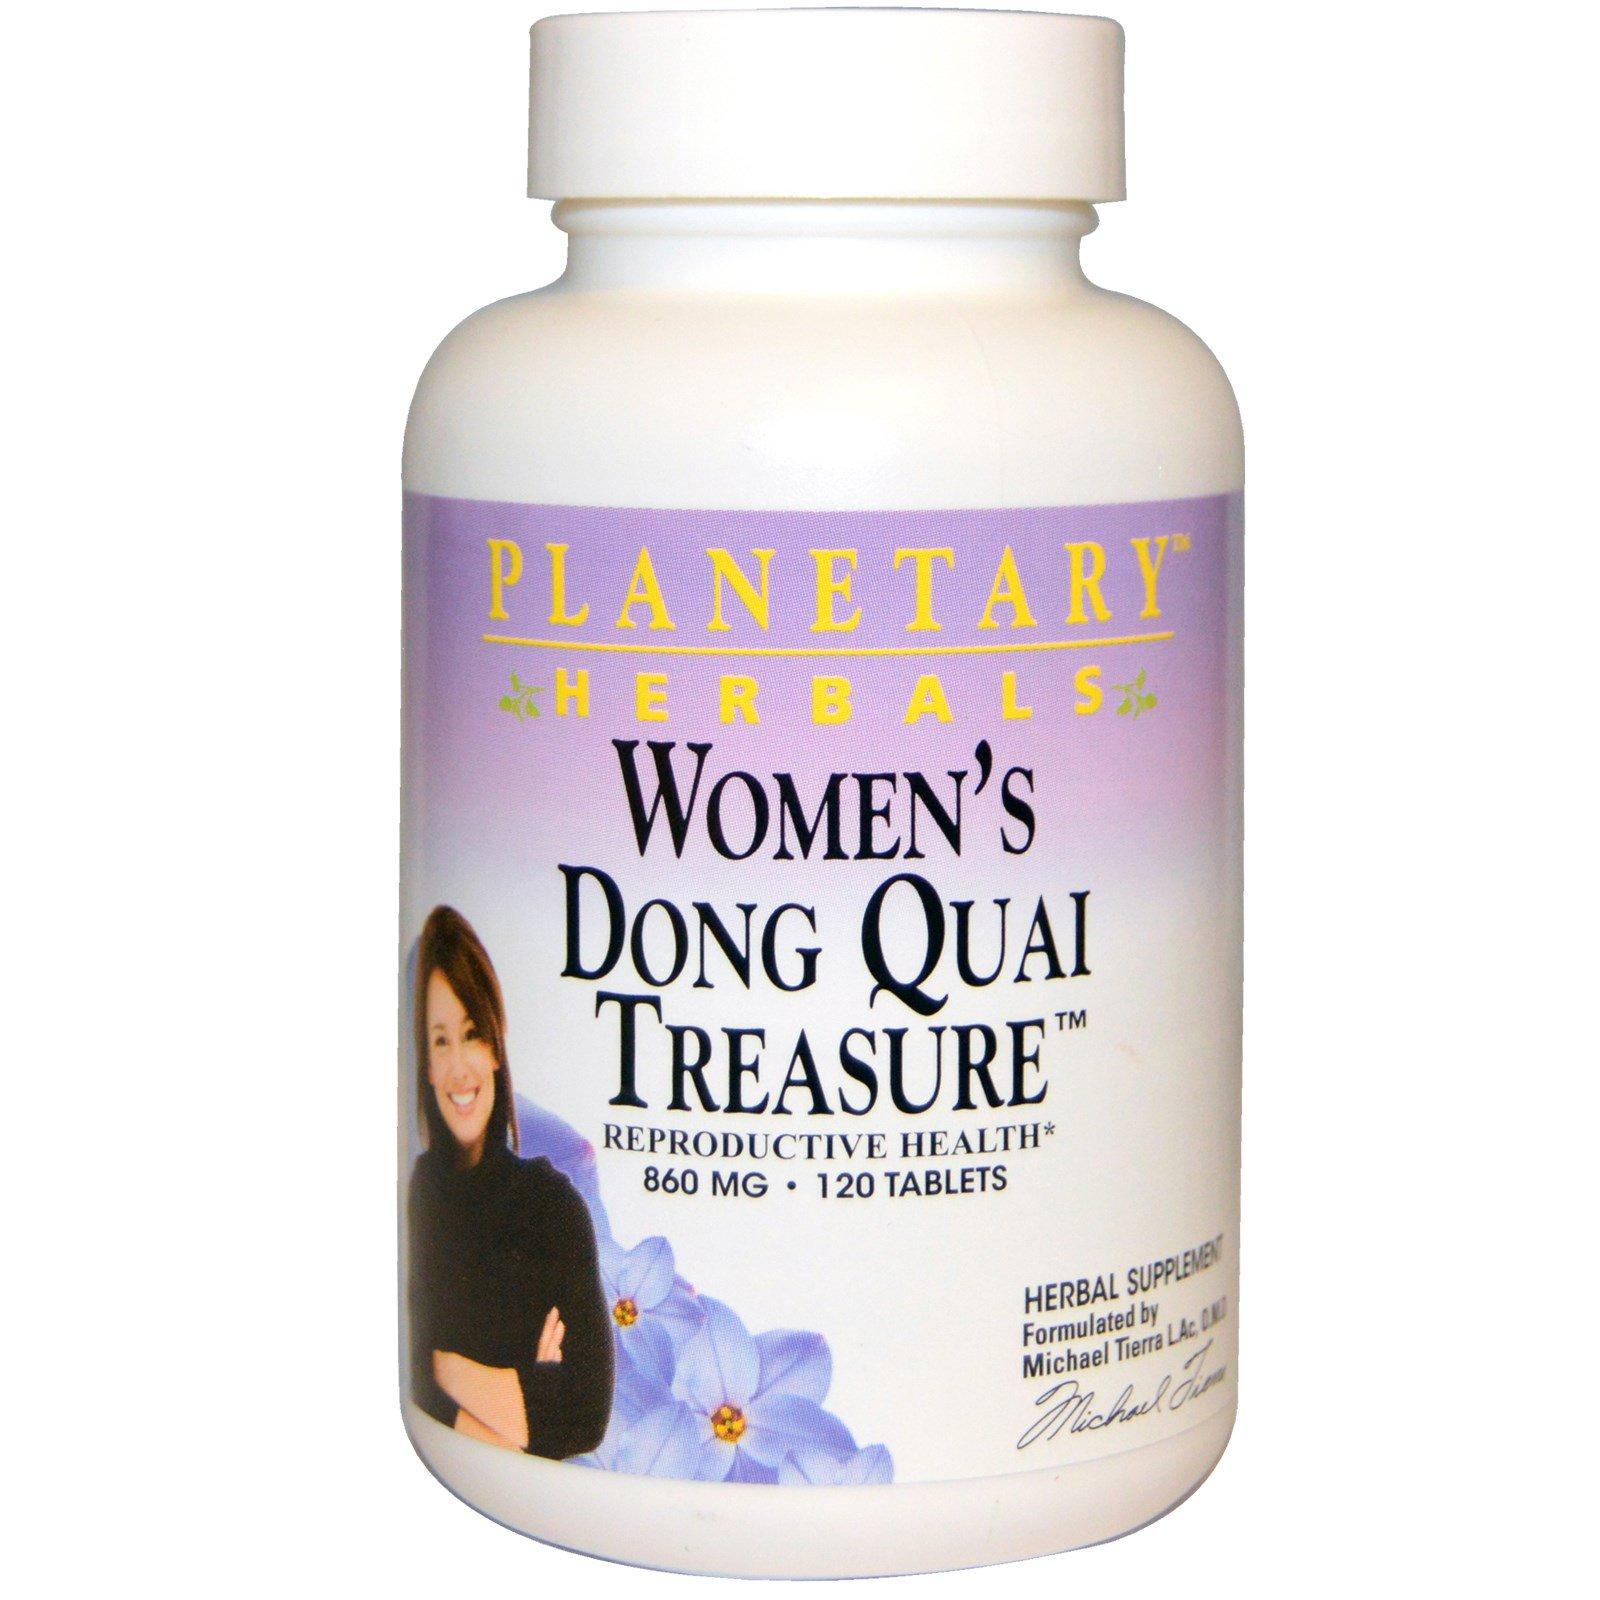 Planetary Herbals, Женское сокровище Донг-Квай, 860 мг, 120 таблеток